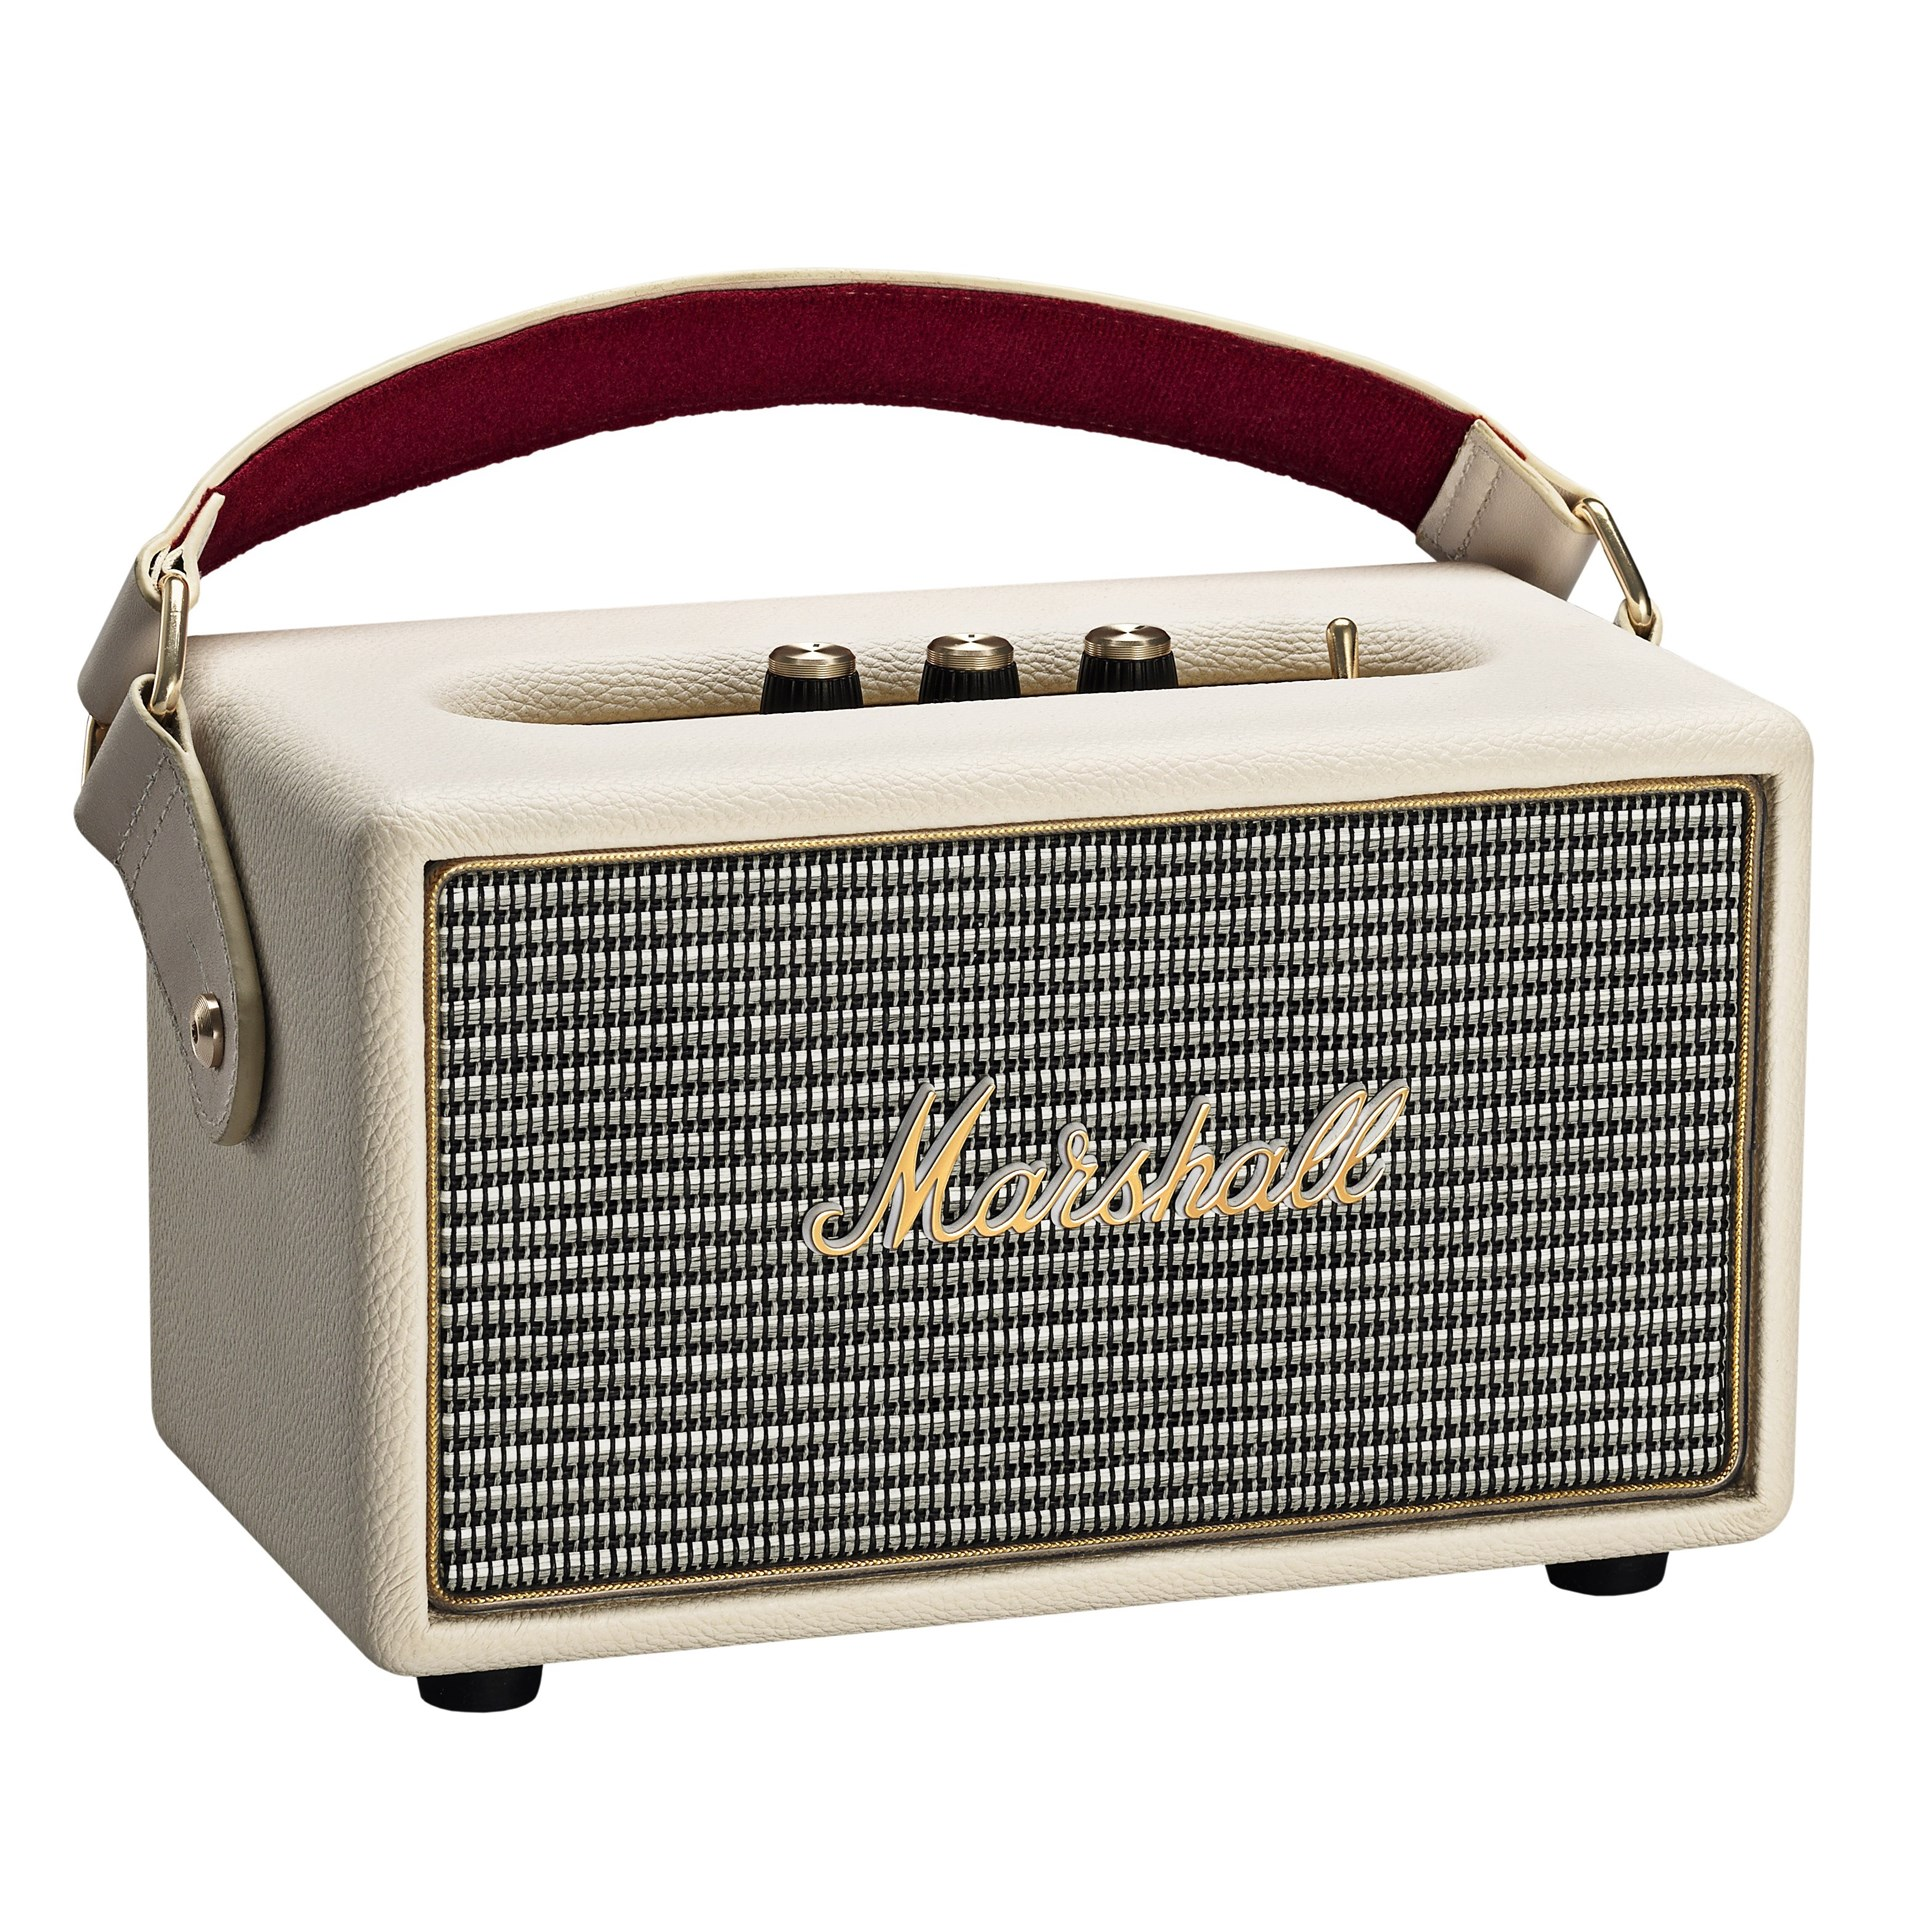 Marshall Kilburn - Cream - Tuff och smidig bärbar högtalare med Bluetooth fd598f61da970